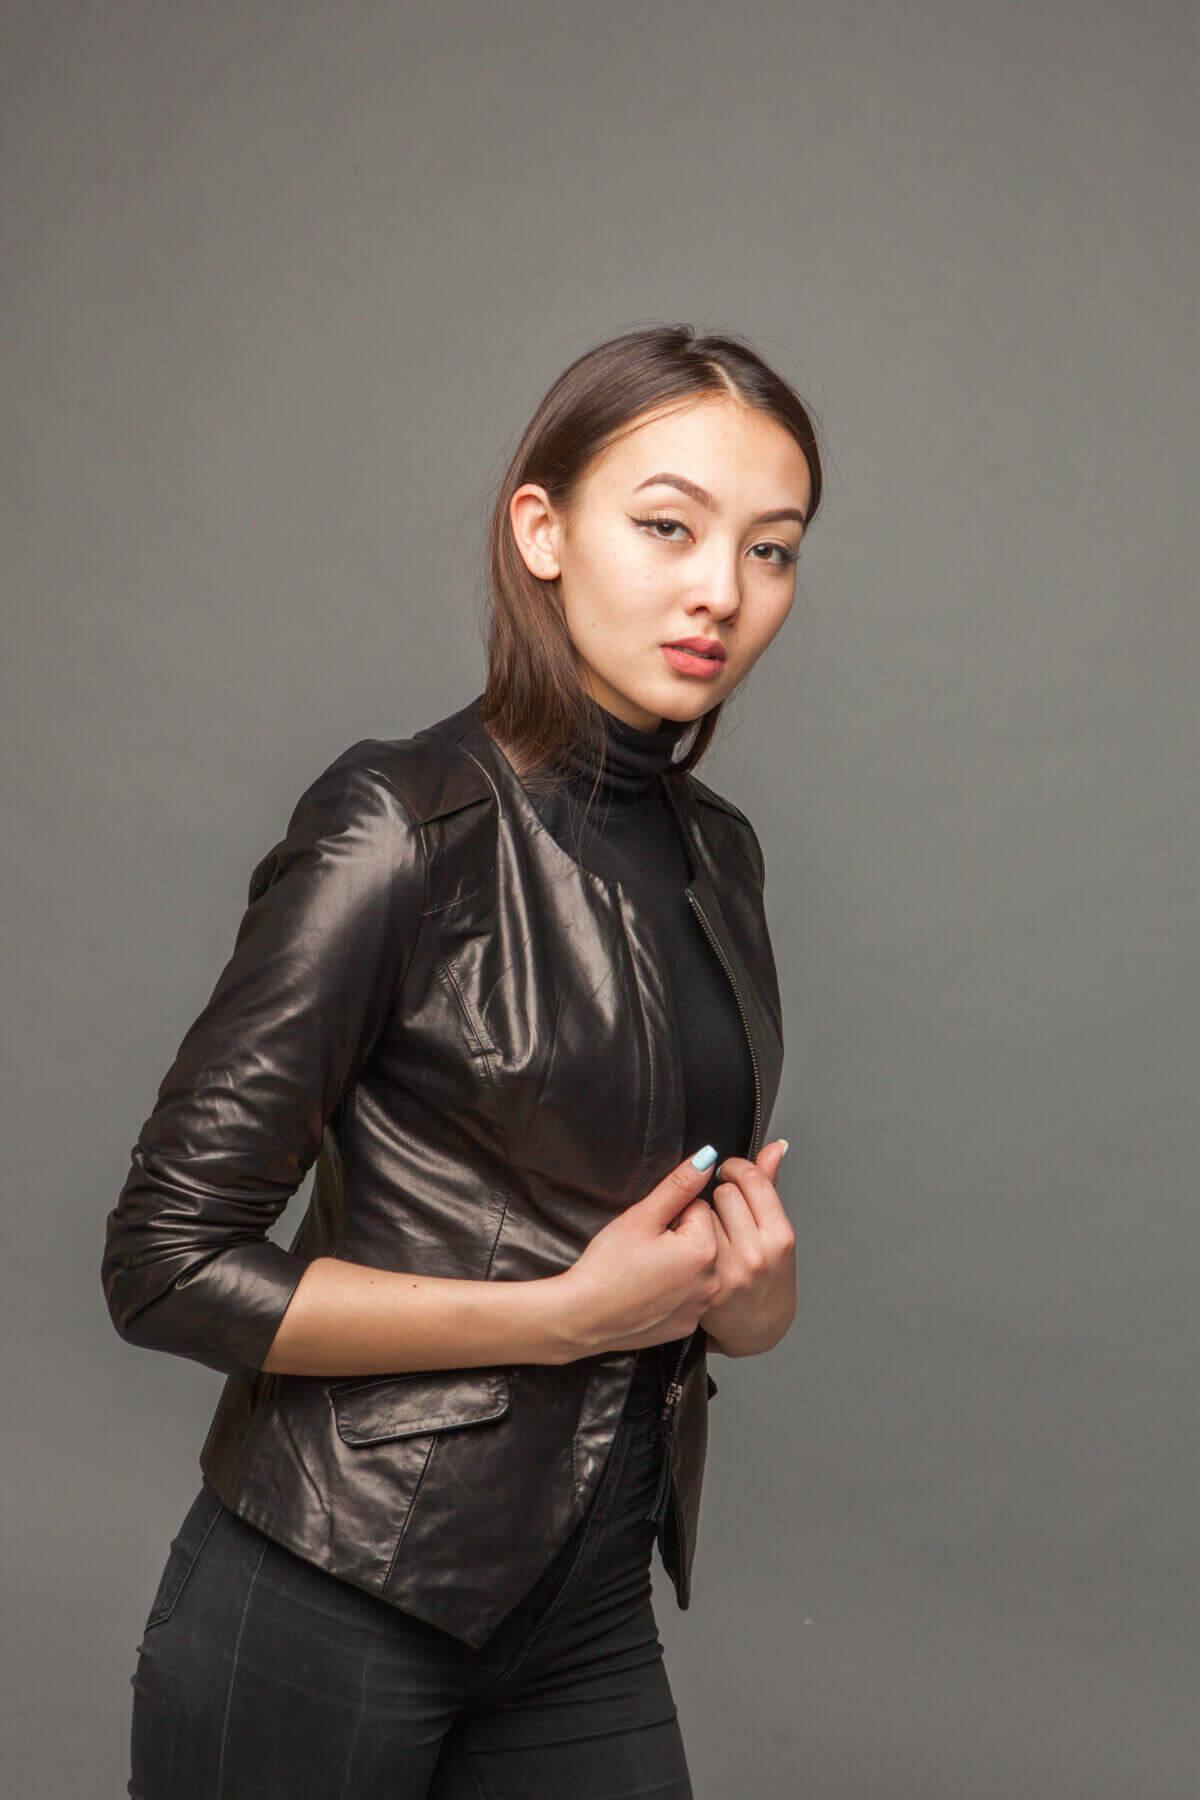 Куртка-жакет из натуральной кожи черная. Фото 2